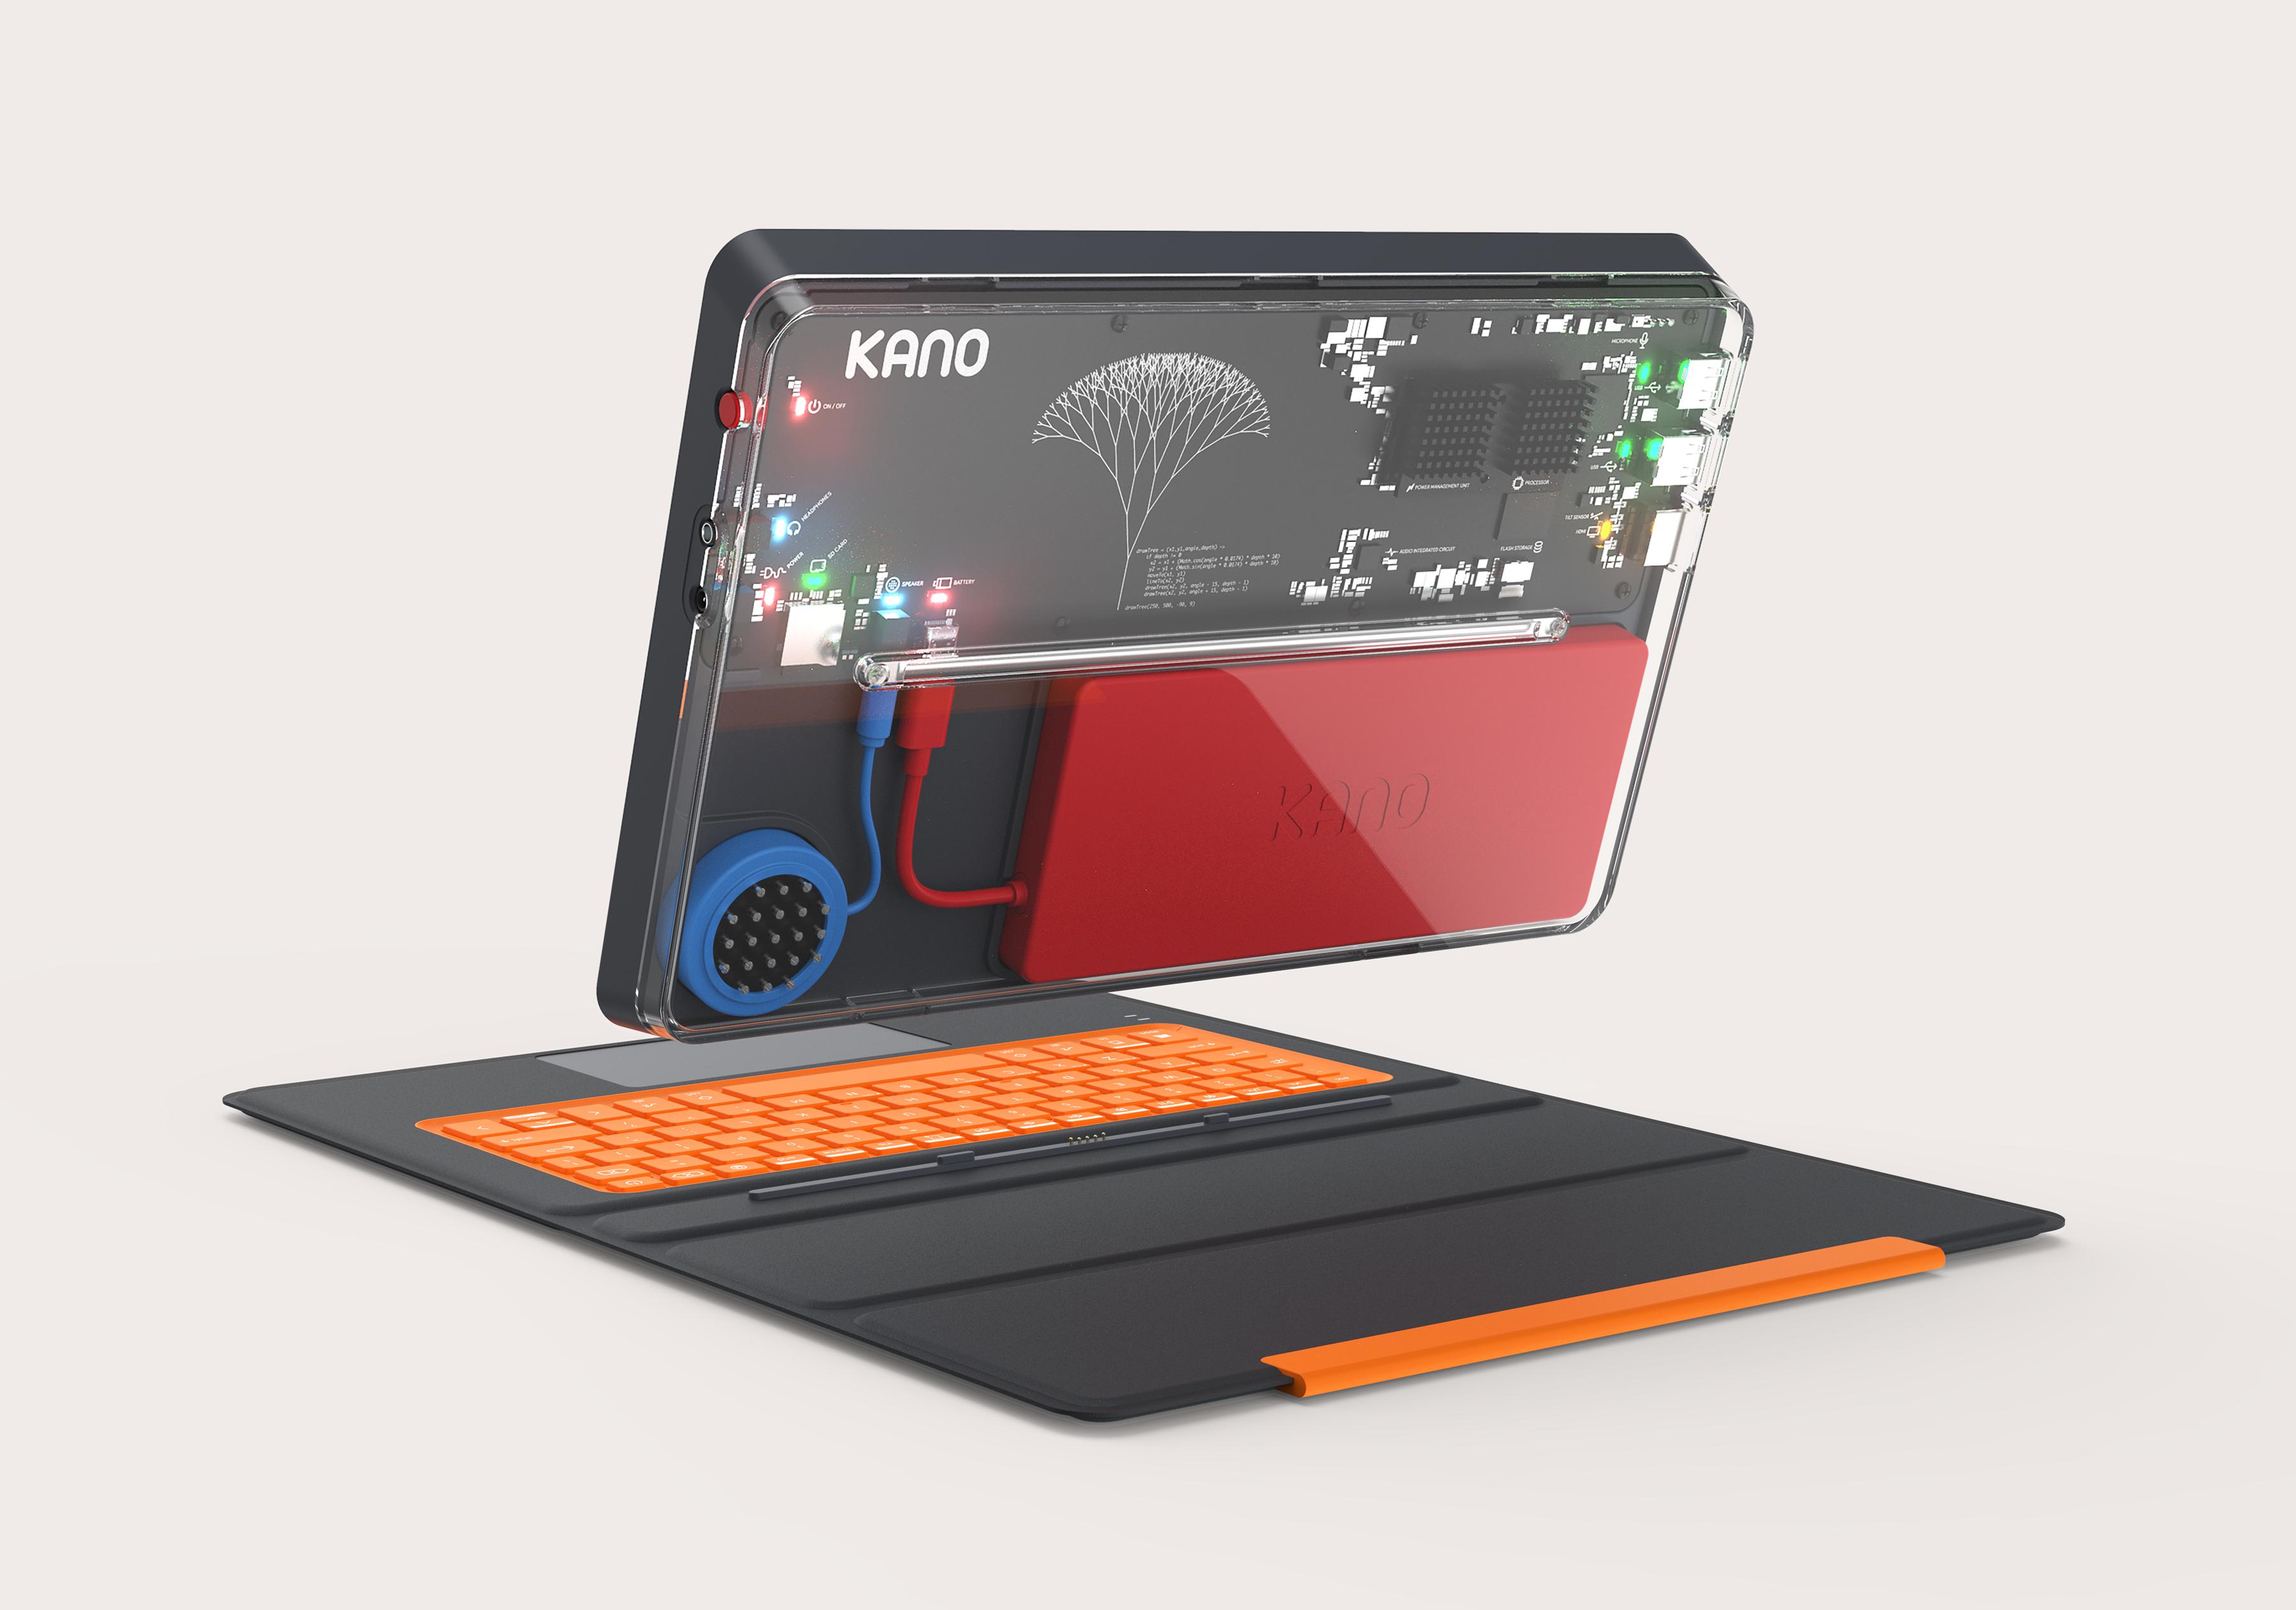 Kano PC 04